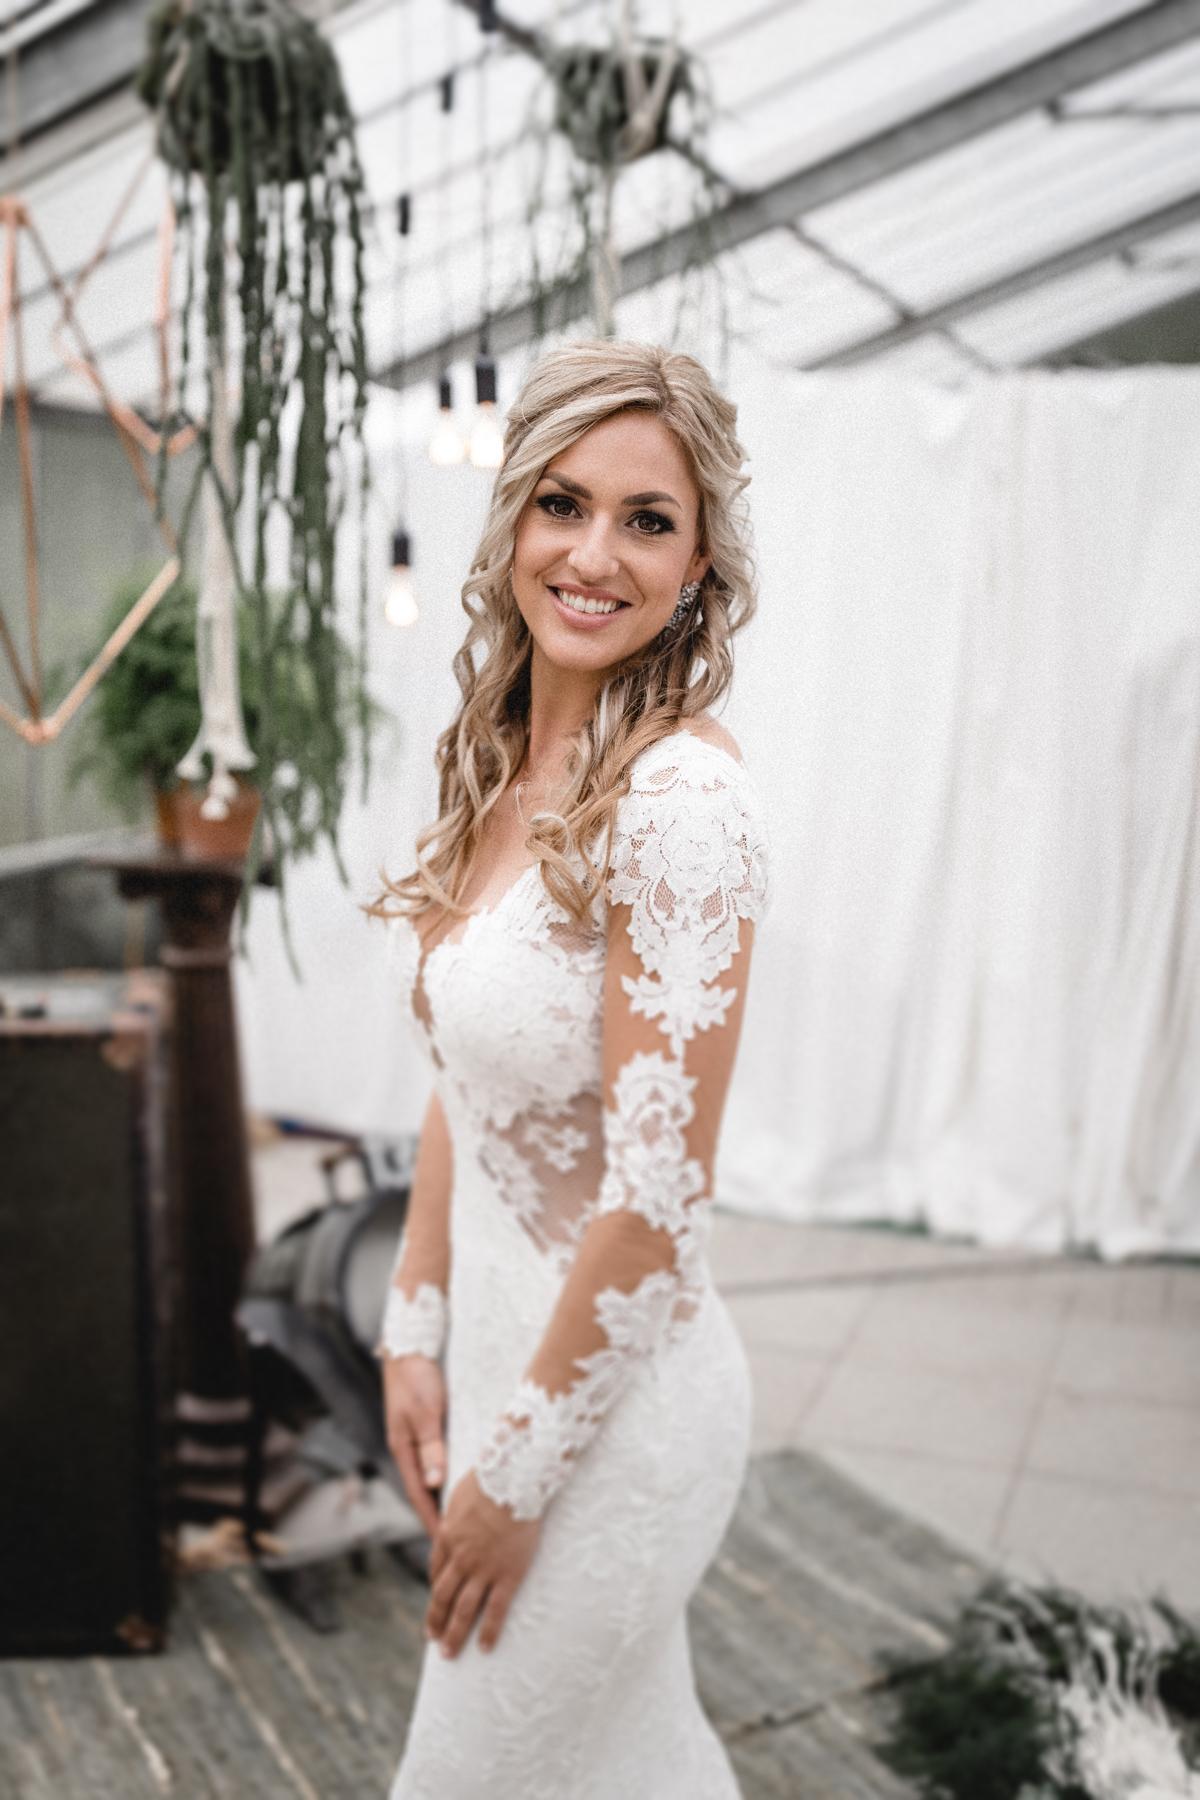 Andreas_Nusch_Hochzeitsfotografie_Brautshooting_2017_JA-Hochzeitsshop_0124